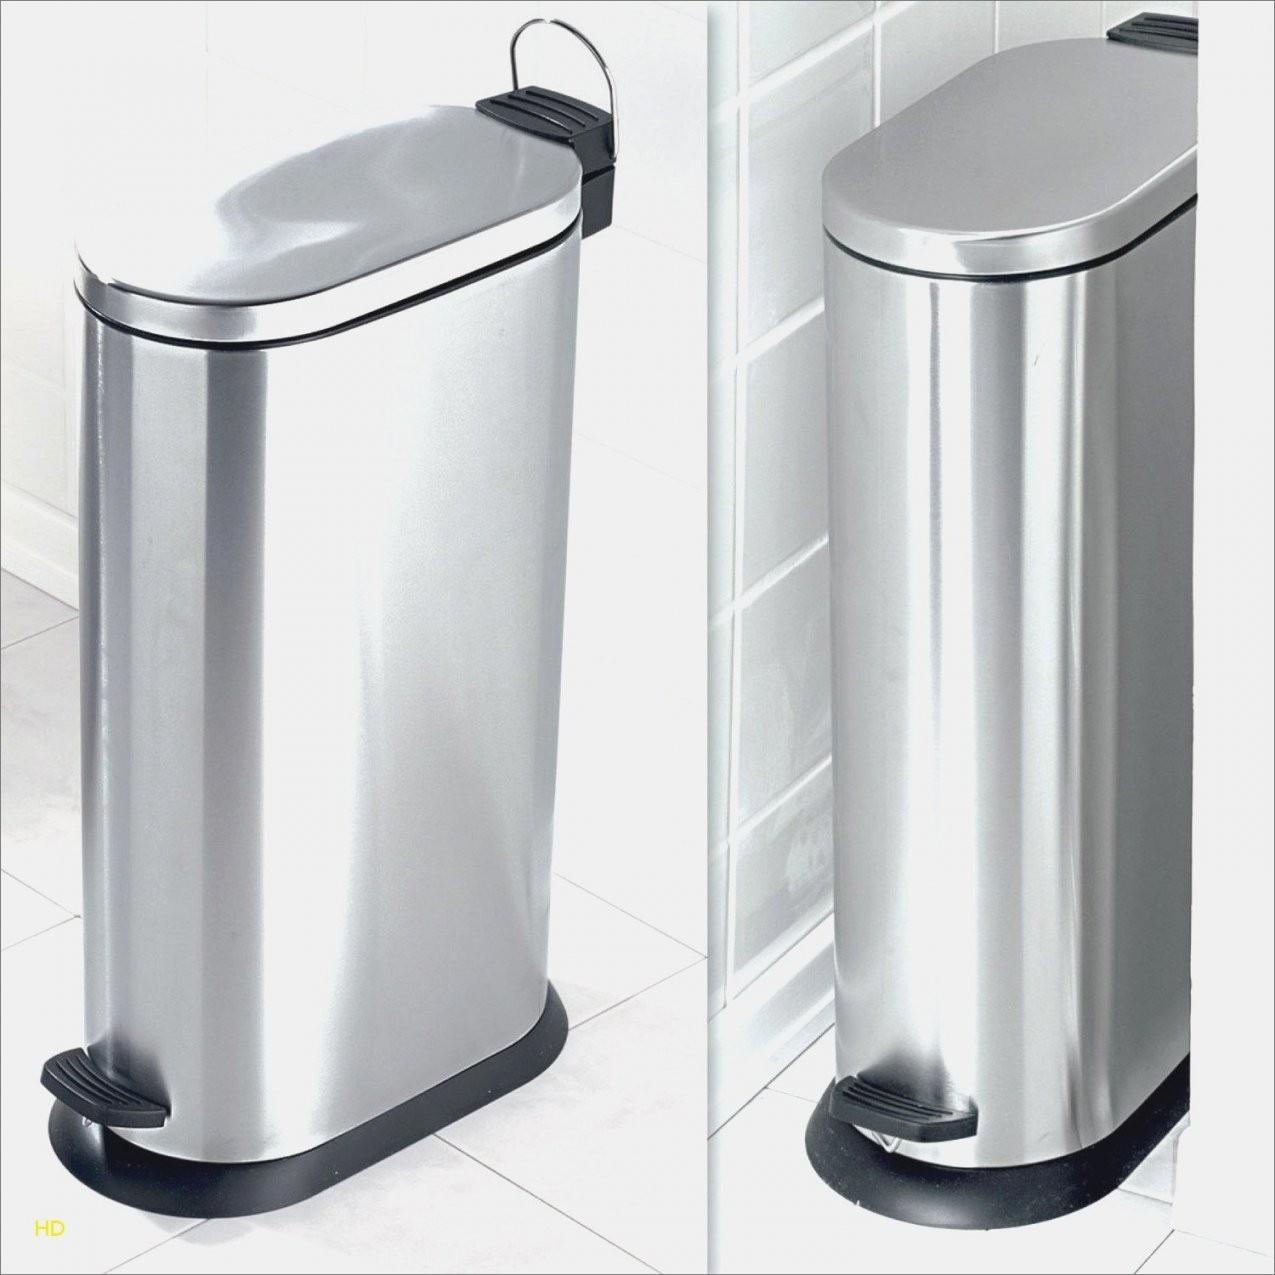 Mülleimer Küche Trennung  Mülleimer Küche Trennung Wasserhahn Küche von Mülleimer Küche Trennung Bild